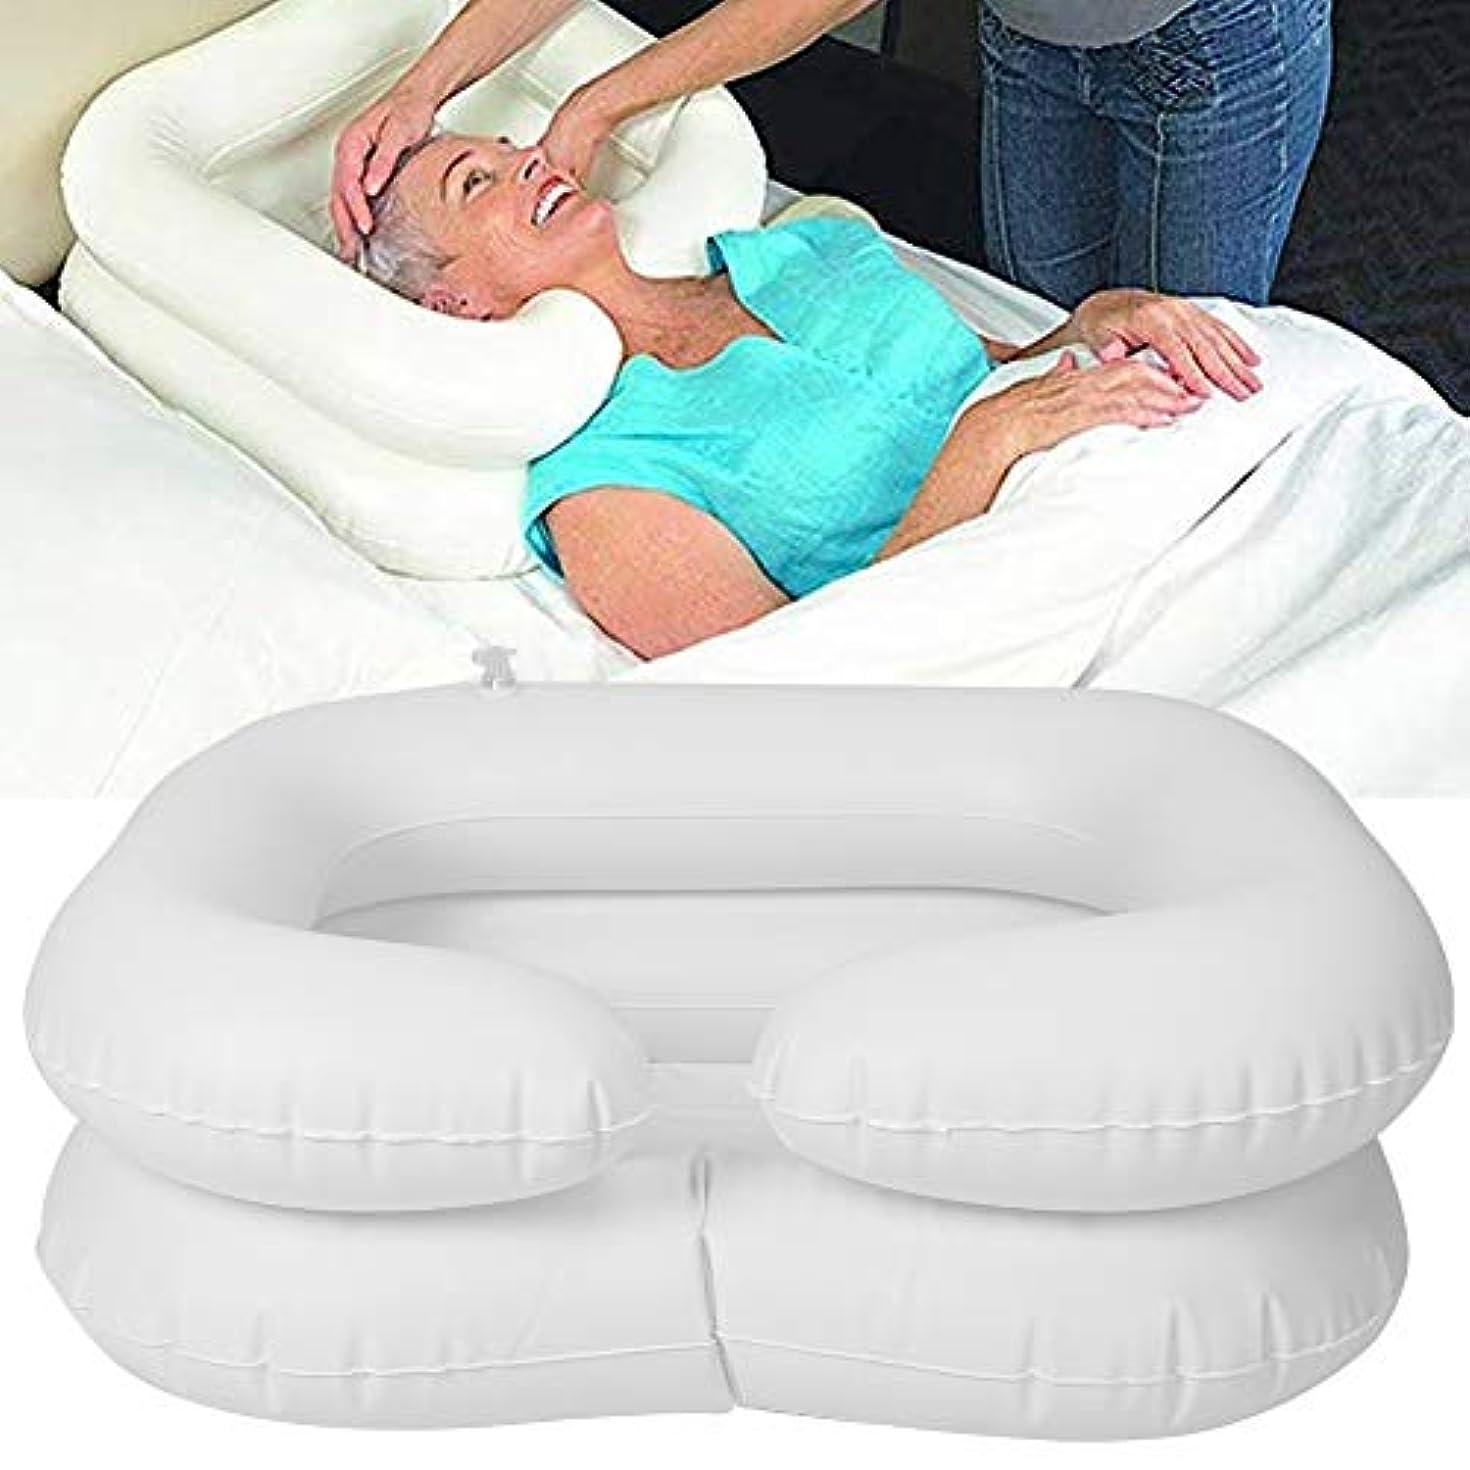 花弁伝染病体操シャンプー洗面器、身体障害者用ベッドサイドシャワーシステム、高齢者寝たきり、ベッドに閉じ込められた人々のためのオーバーヘッドシャワー、ウォーターバッグ